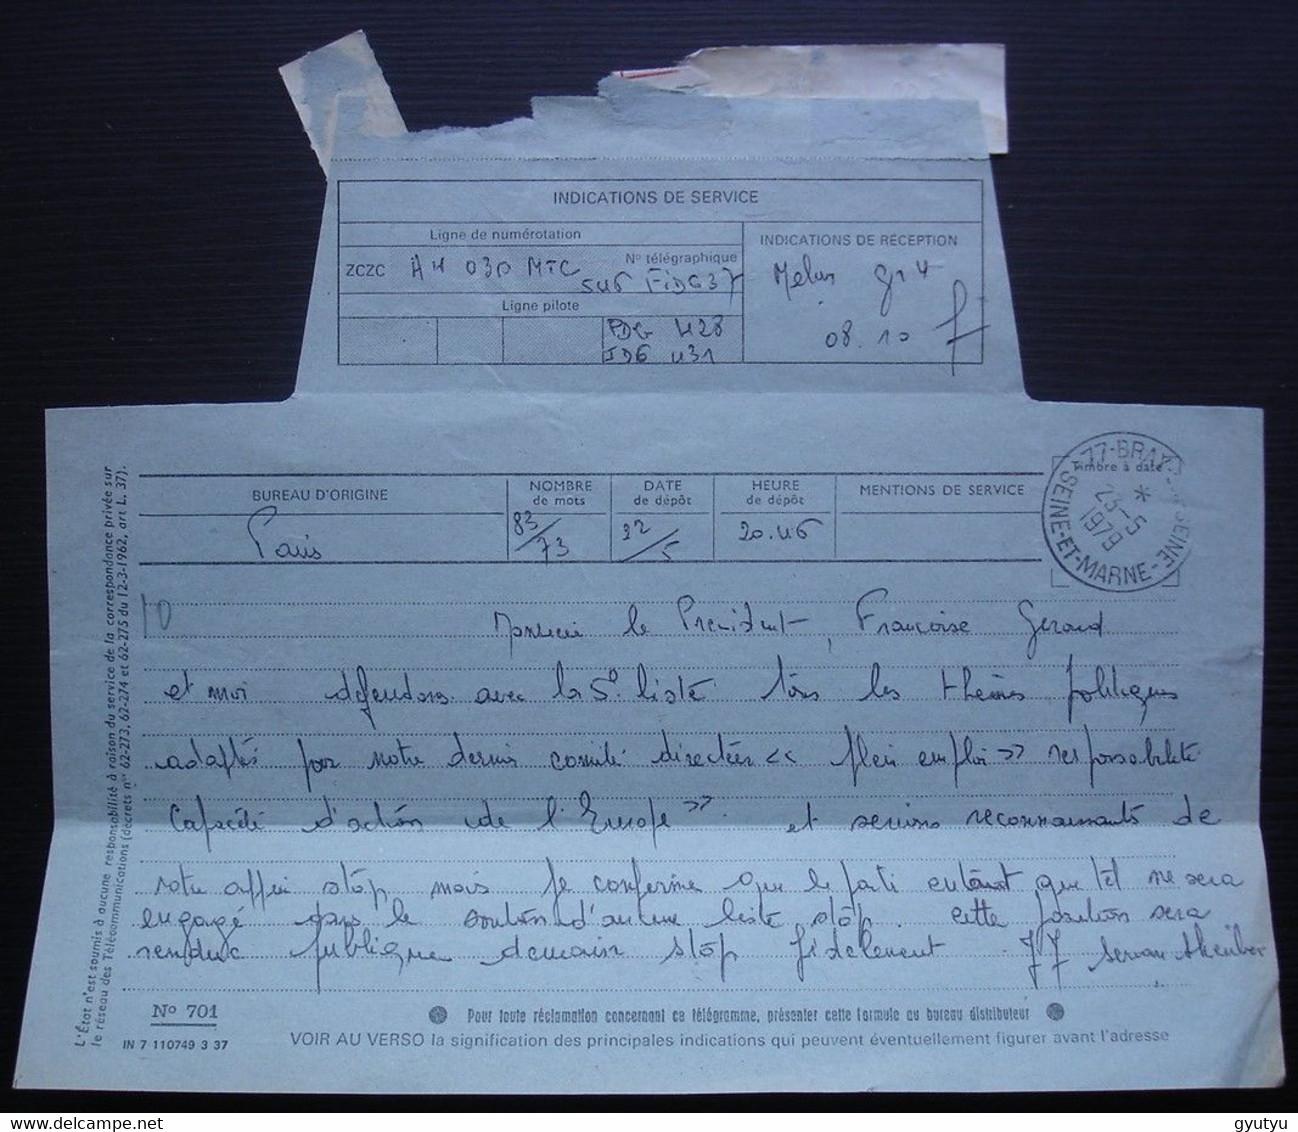 Servan Schreiber Jean-Jacques Télégramme De 1979 à Propos De Son Programme Avec Françoise Giroud (Parti Radical) - Historical Documents